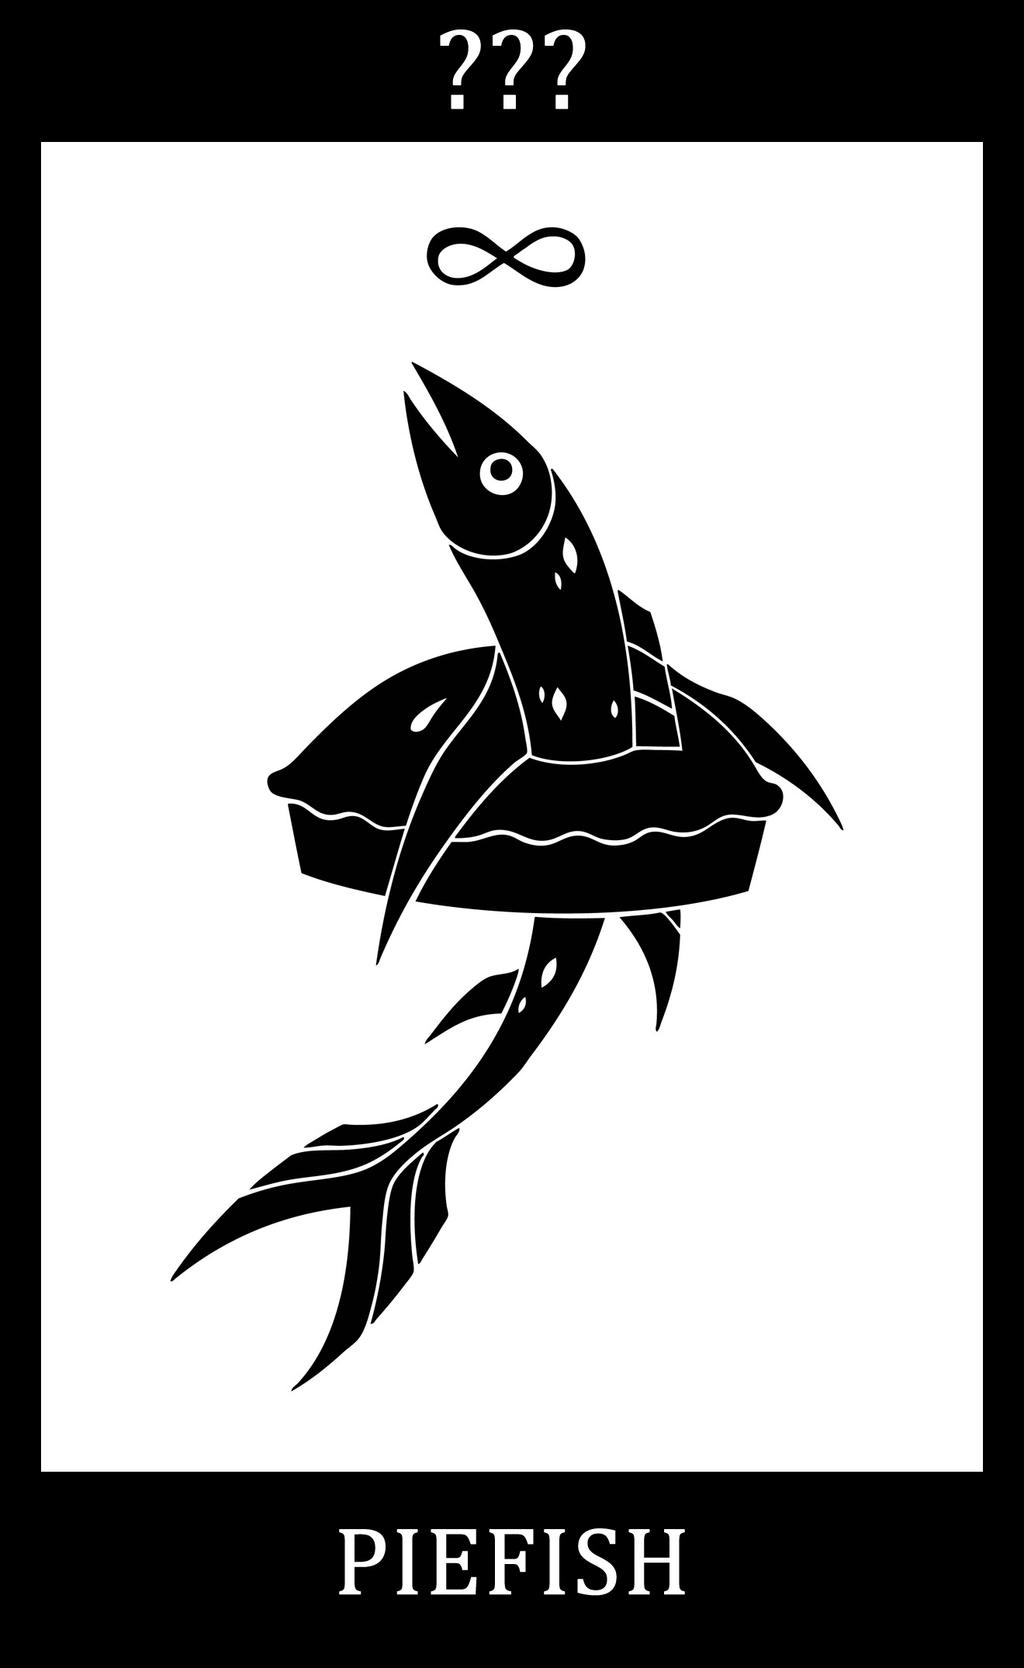 Piefish